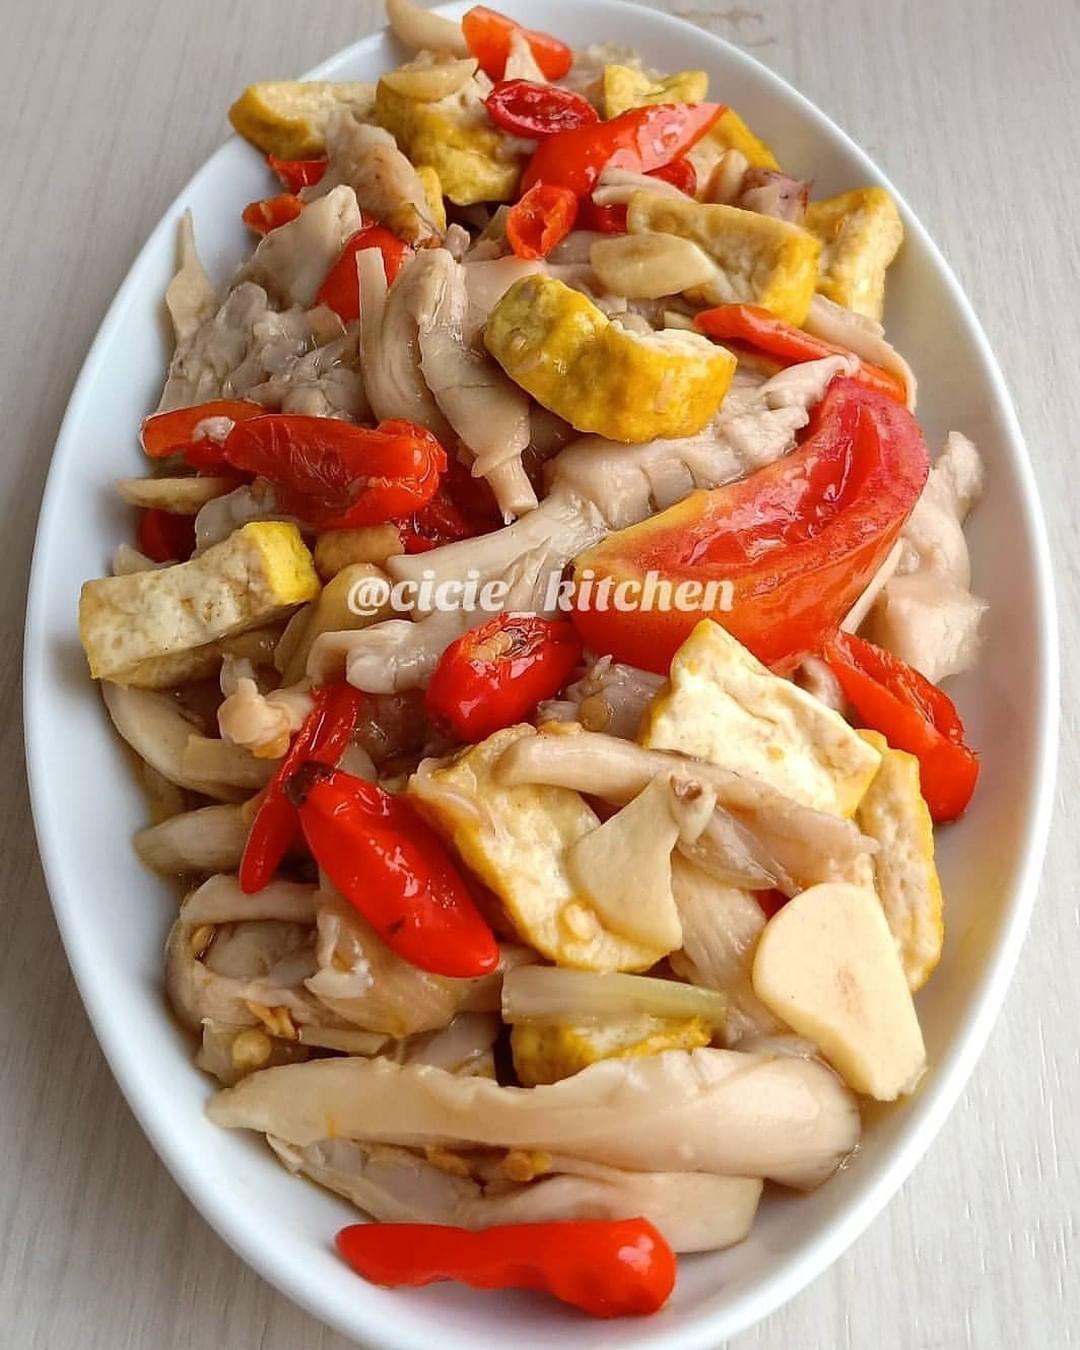 Resep Masakan Kue Di Instagram Masak Praktis Tumis Jamur Tiram Tahu By Cicie Kitchen 2 Bungkus Jamur Tiram 5 Resep Masakan Masakan Resep Makanan Cina